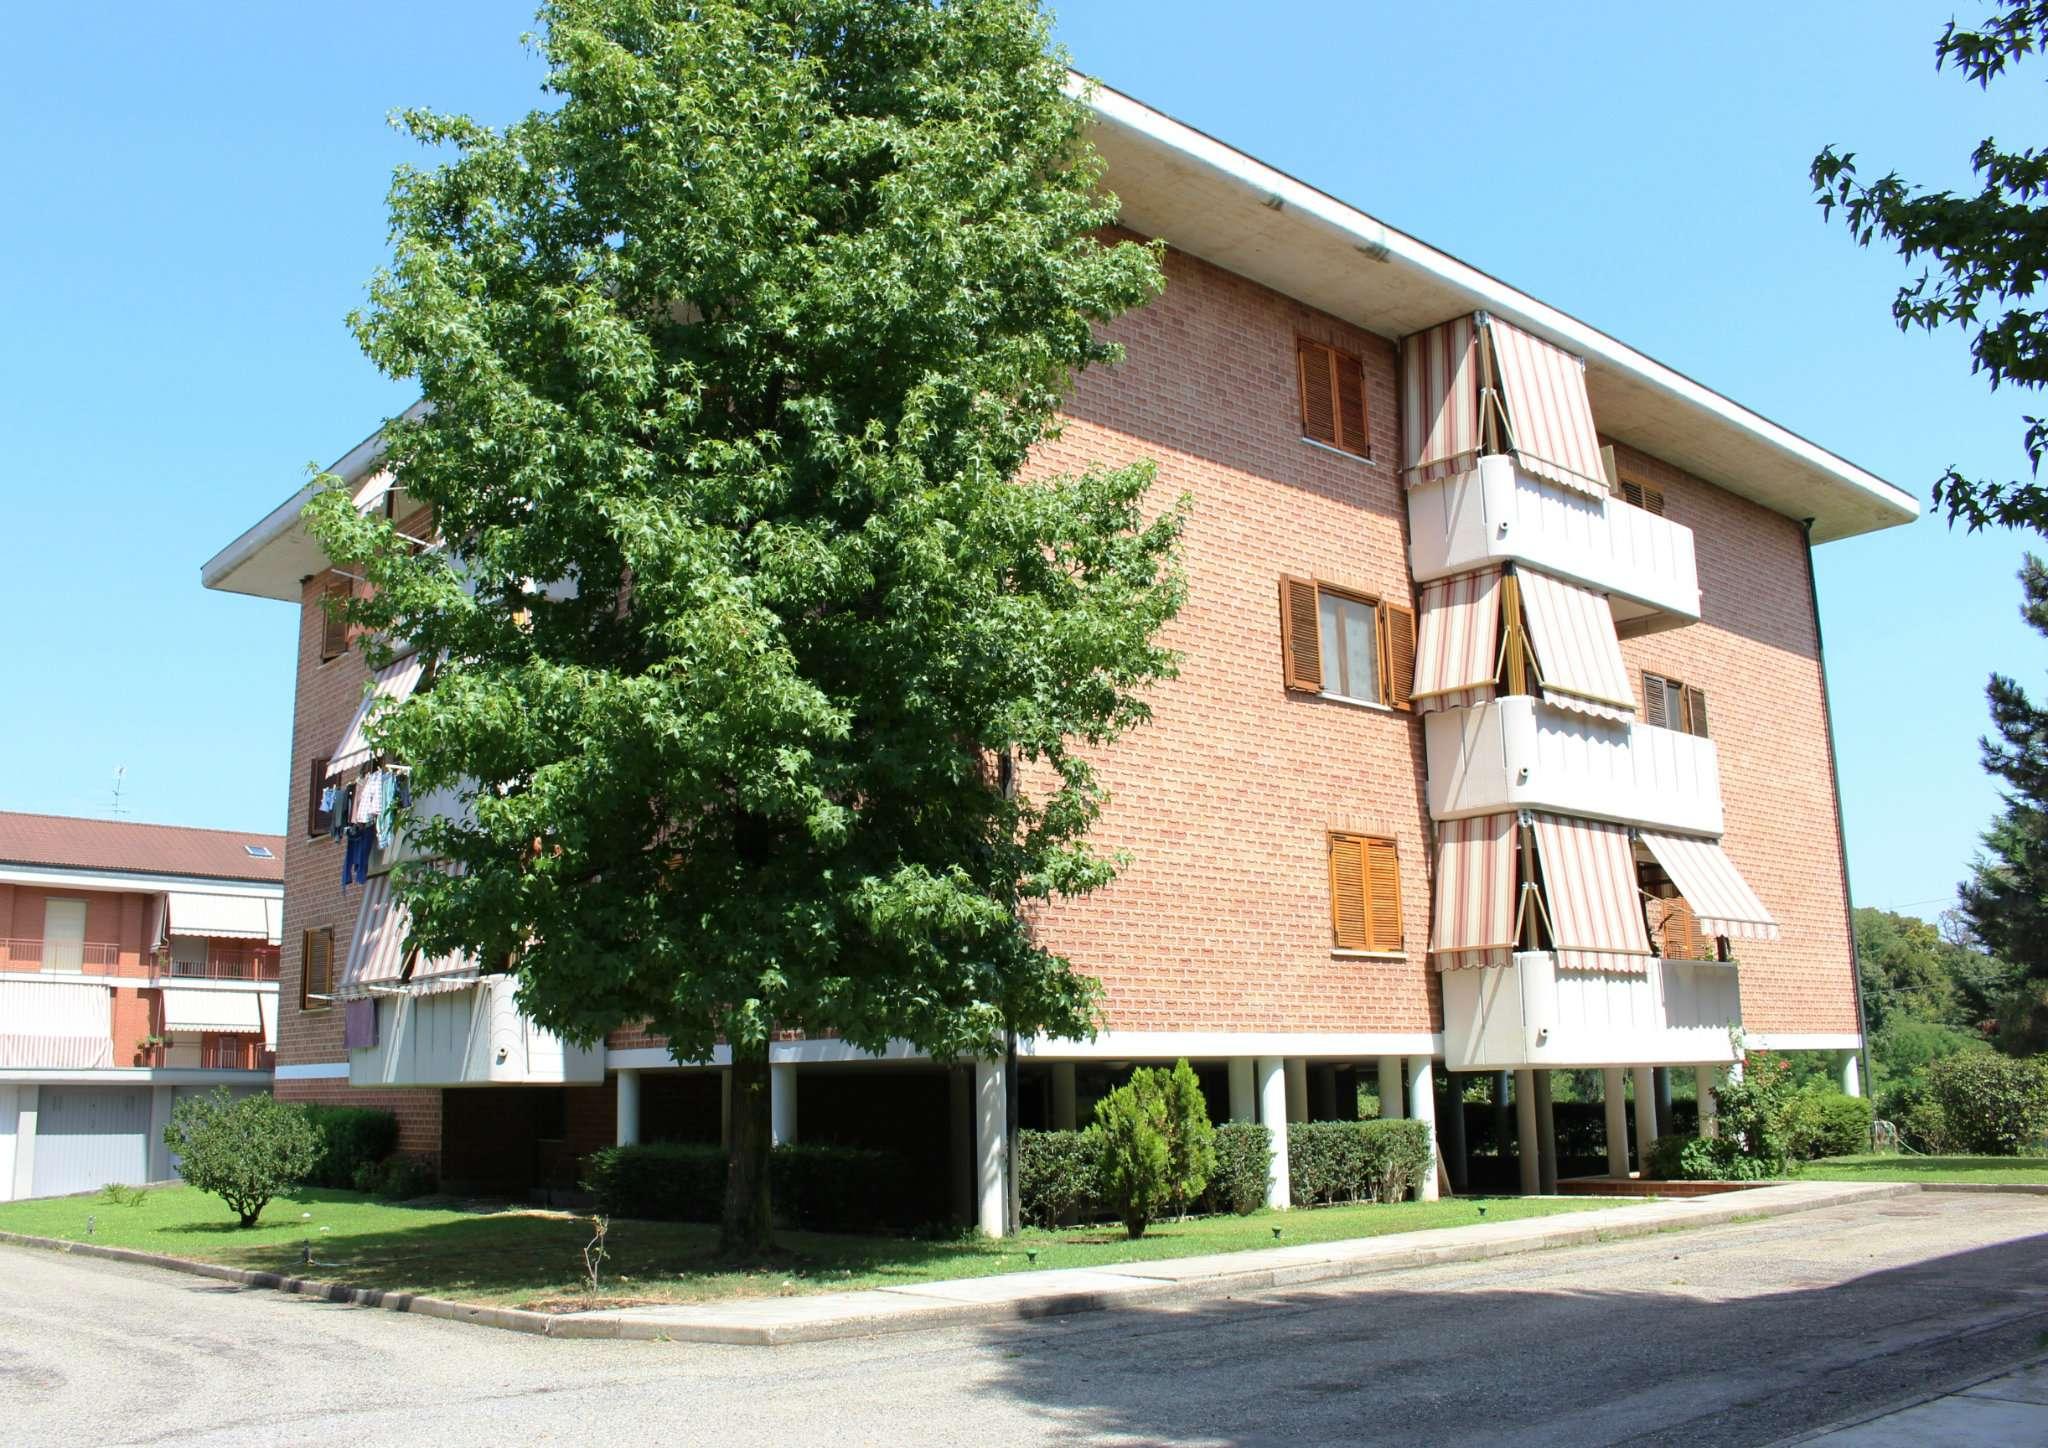 Appartamento in vendita a Volpiano, 3 locali, prezzo € 79.000 | CambioCasa.it